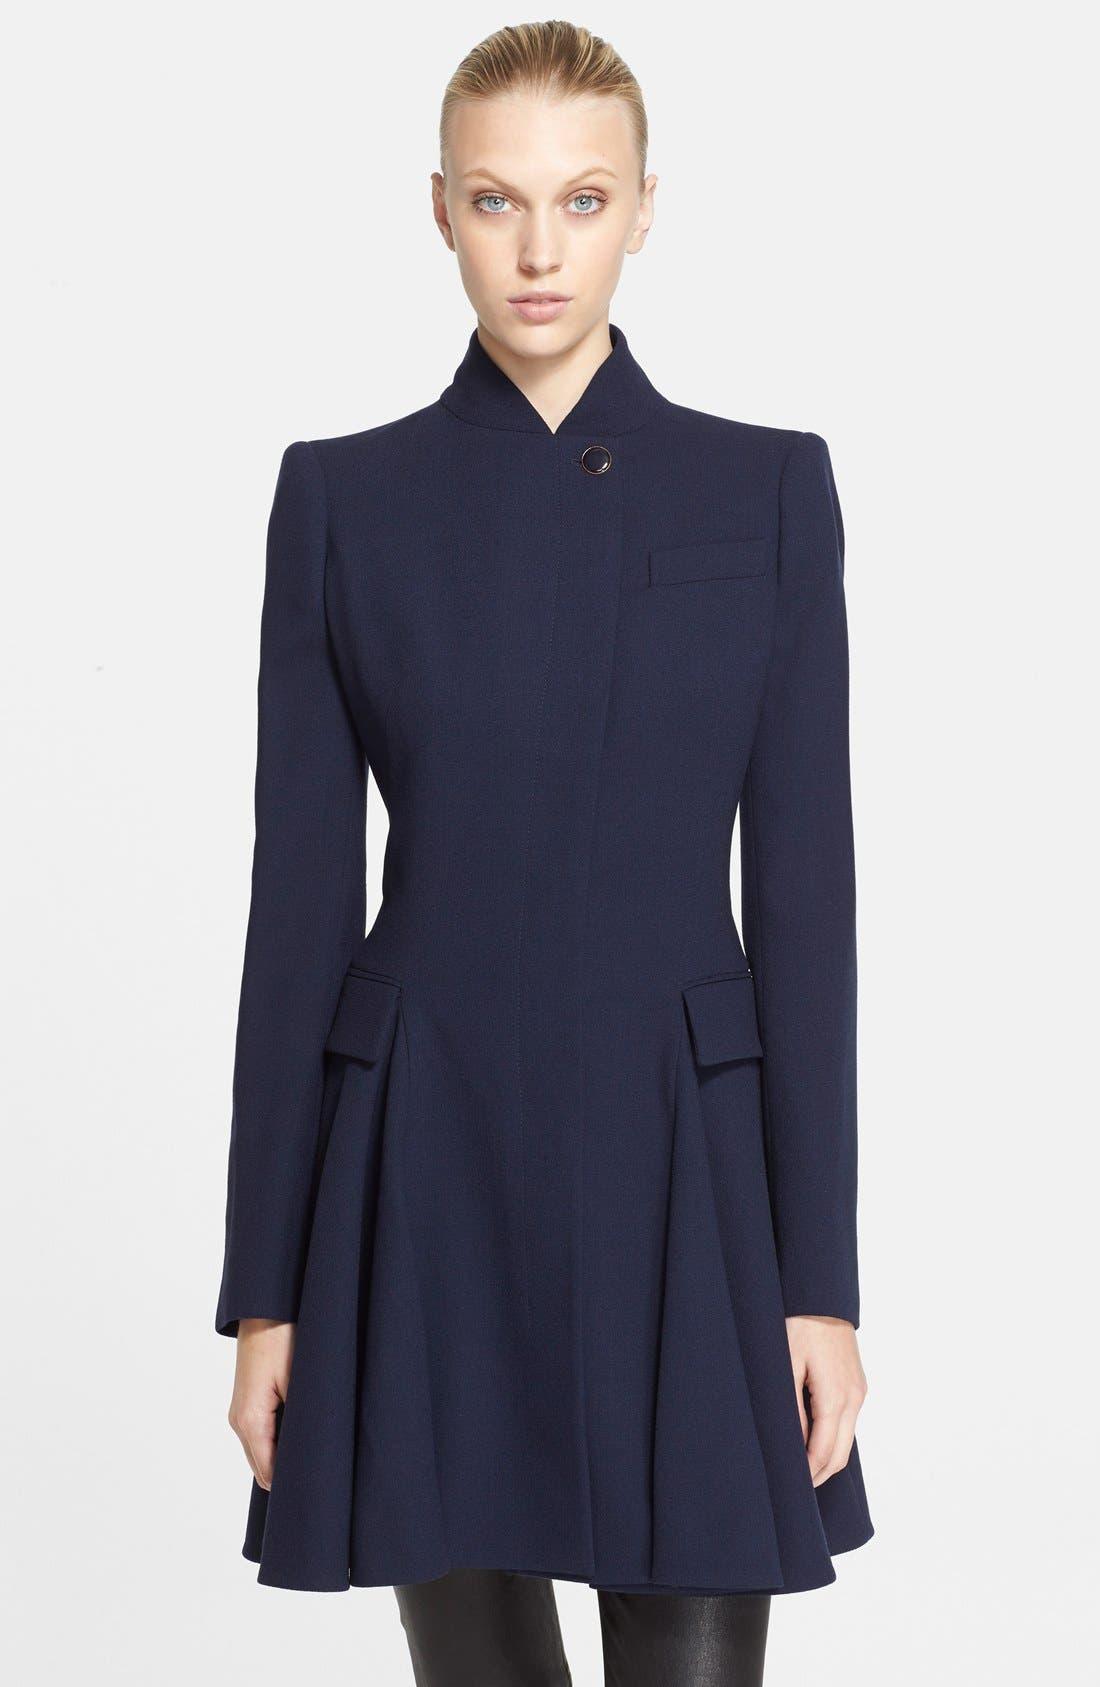 Alternate Image 1 Selected - Alexander McQueen Peplum Wool Coat